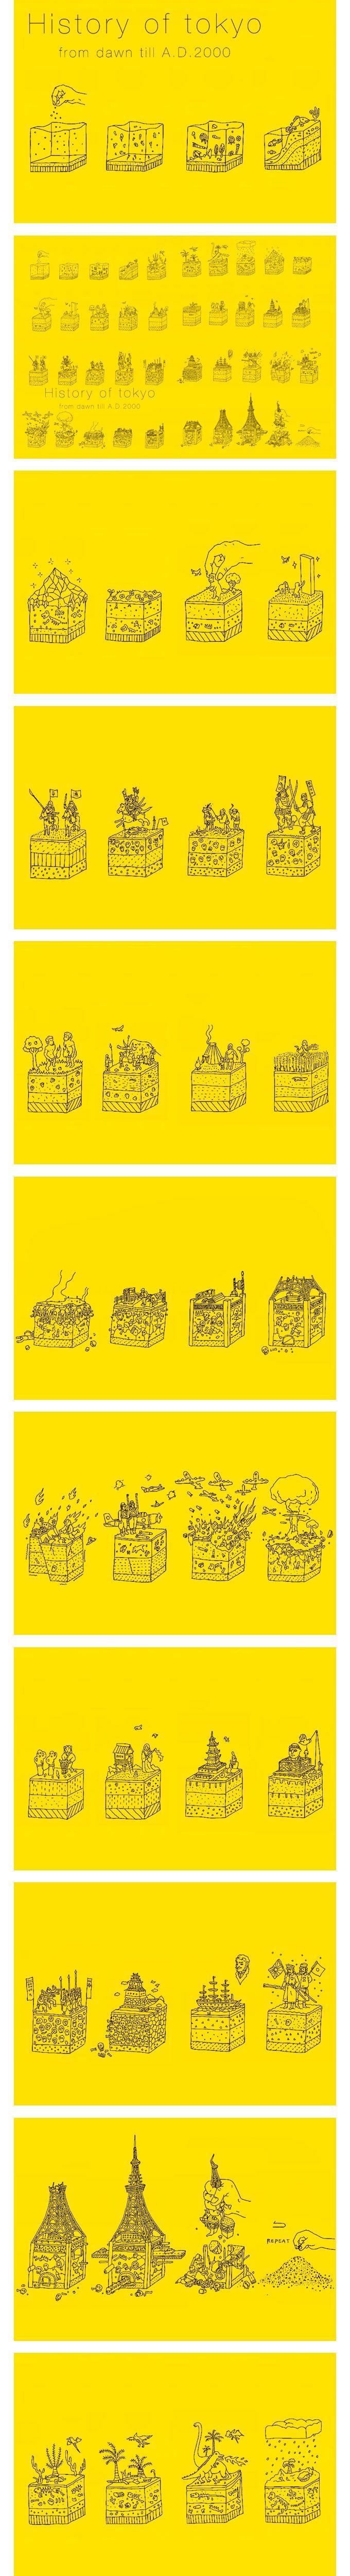 Recommend! Bunpei Yorifuji: il riassunto illustrato della storia di Tokyo #illustration #history #infographics